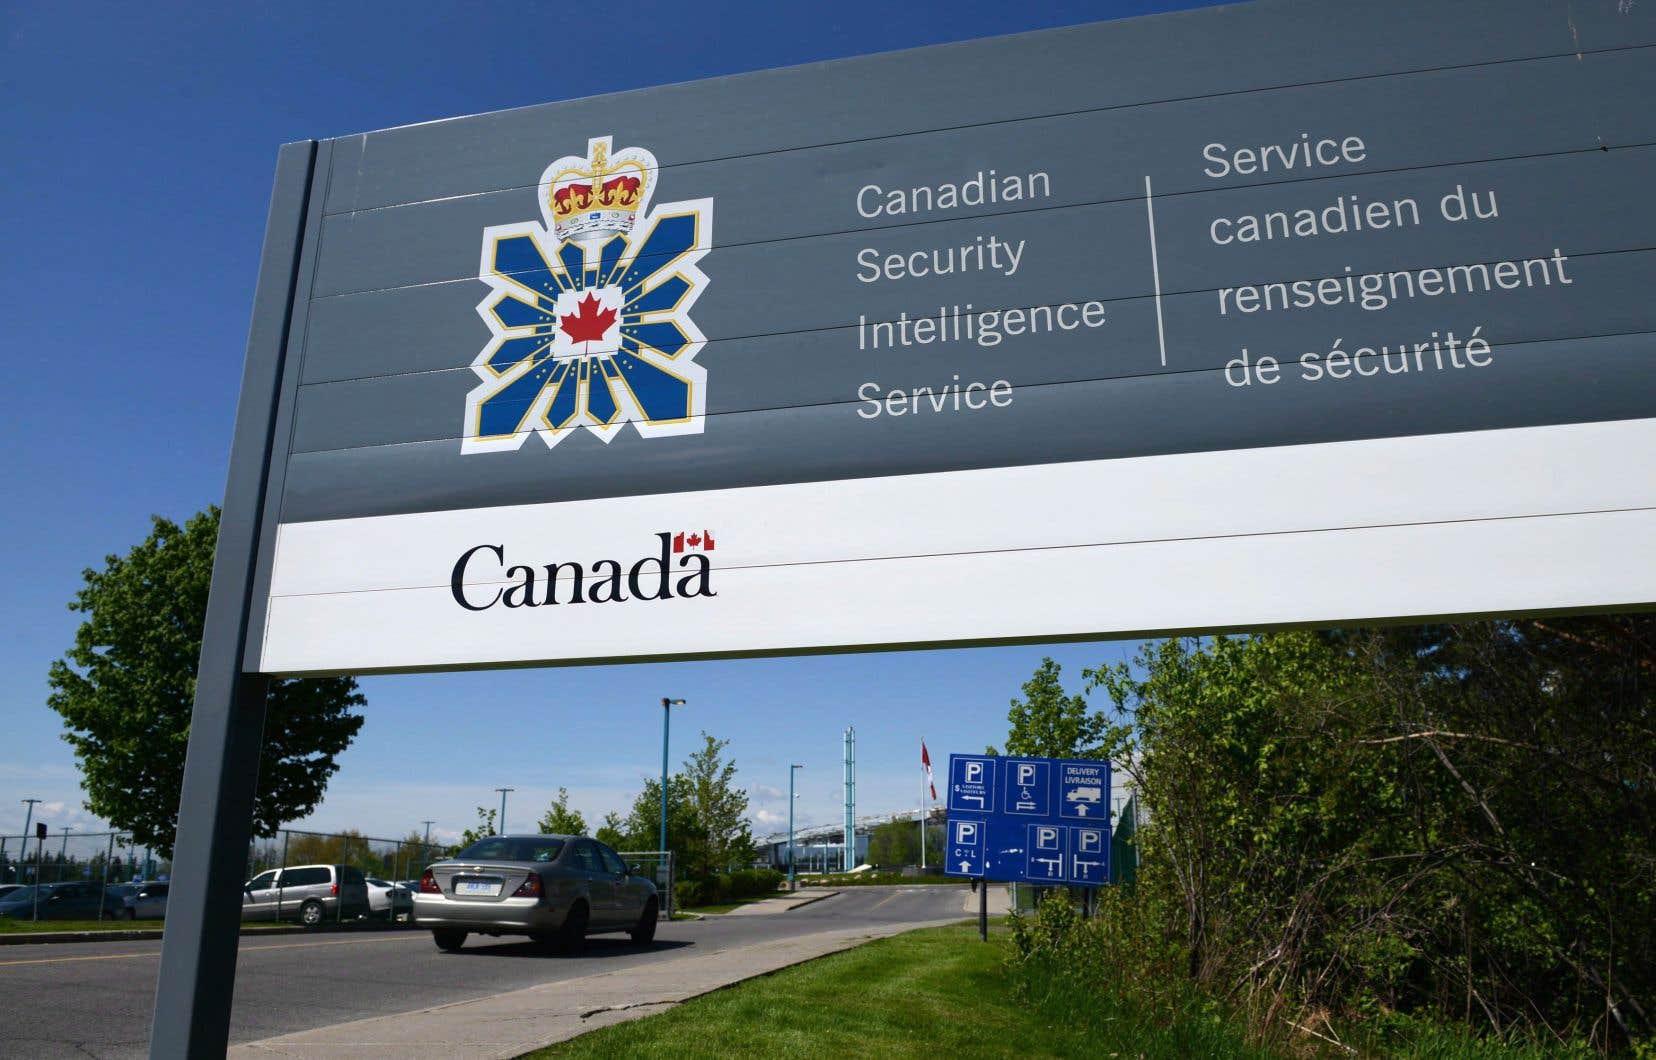 La loi régissant le SCRS stipule que le service d'espionnagene peut conserver que les informations «strictement nécessaires» à son travail.